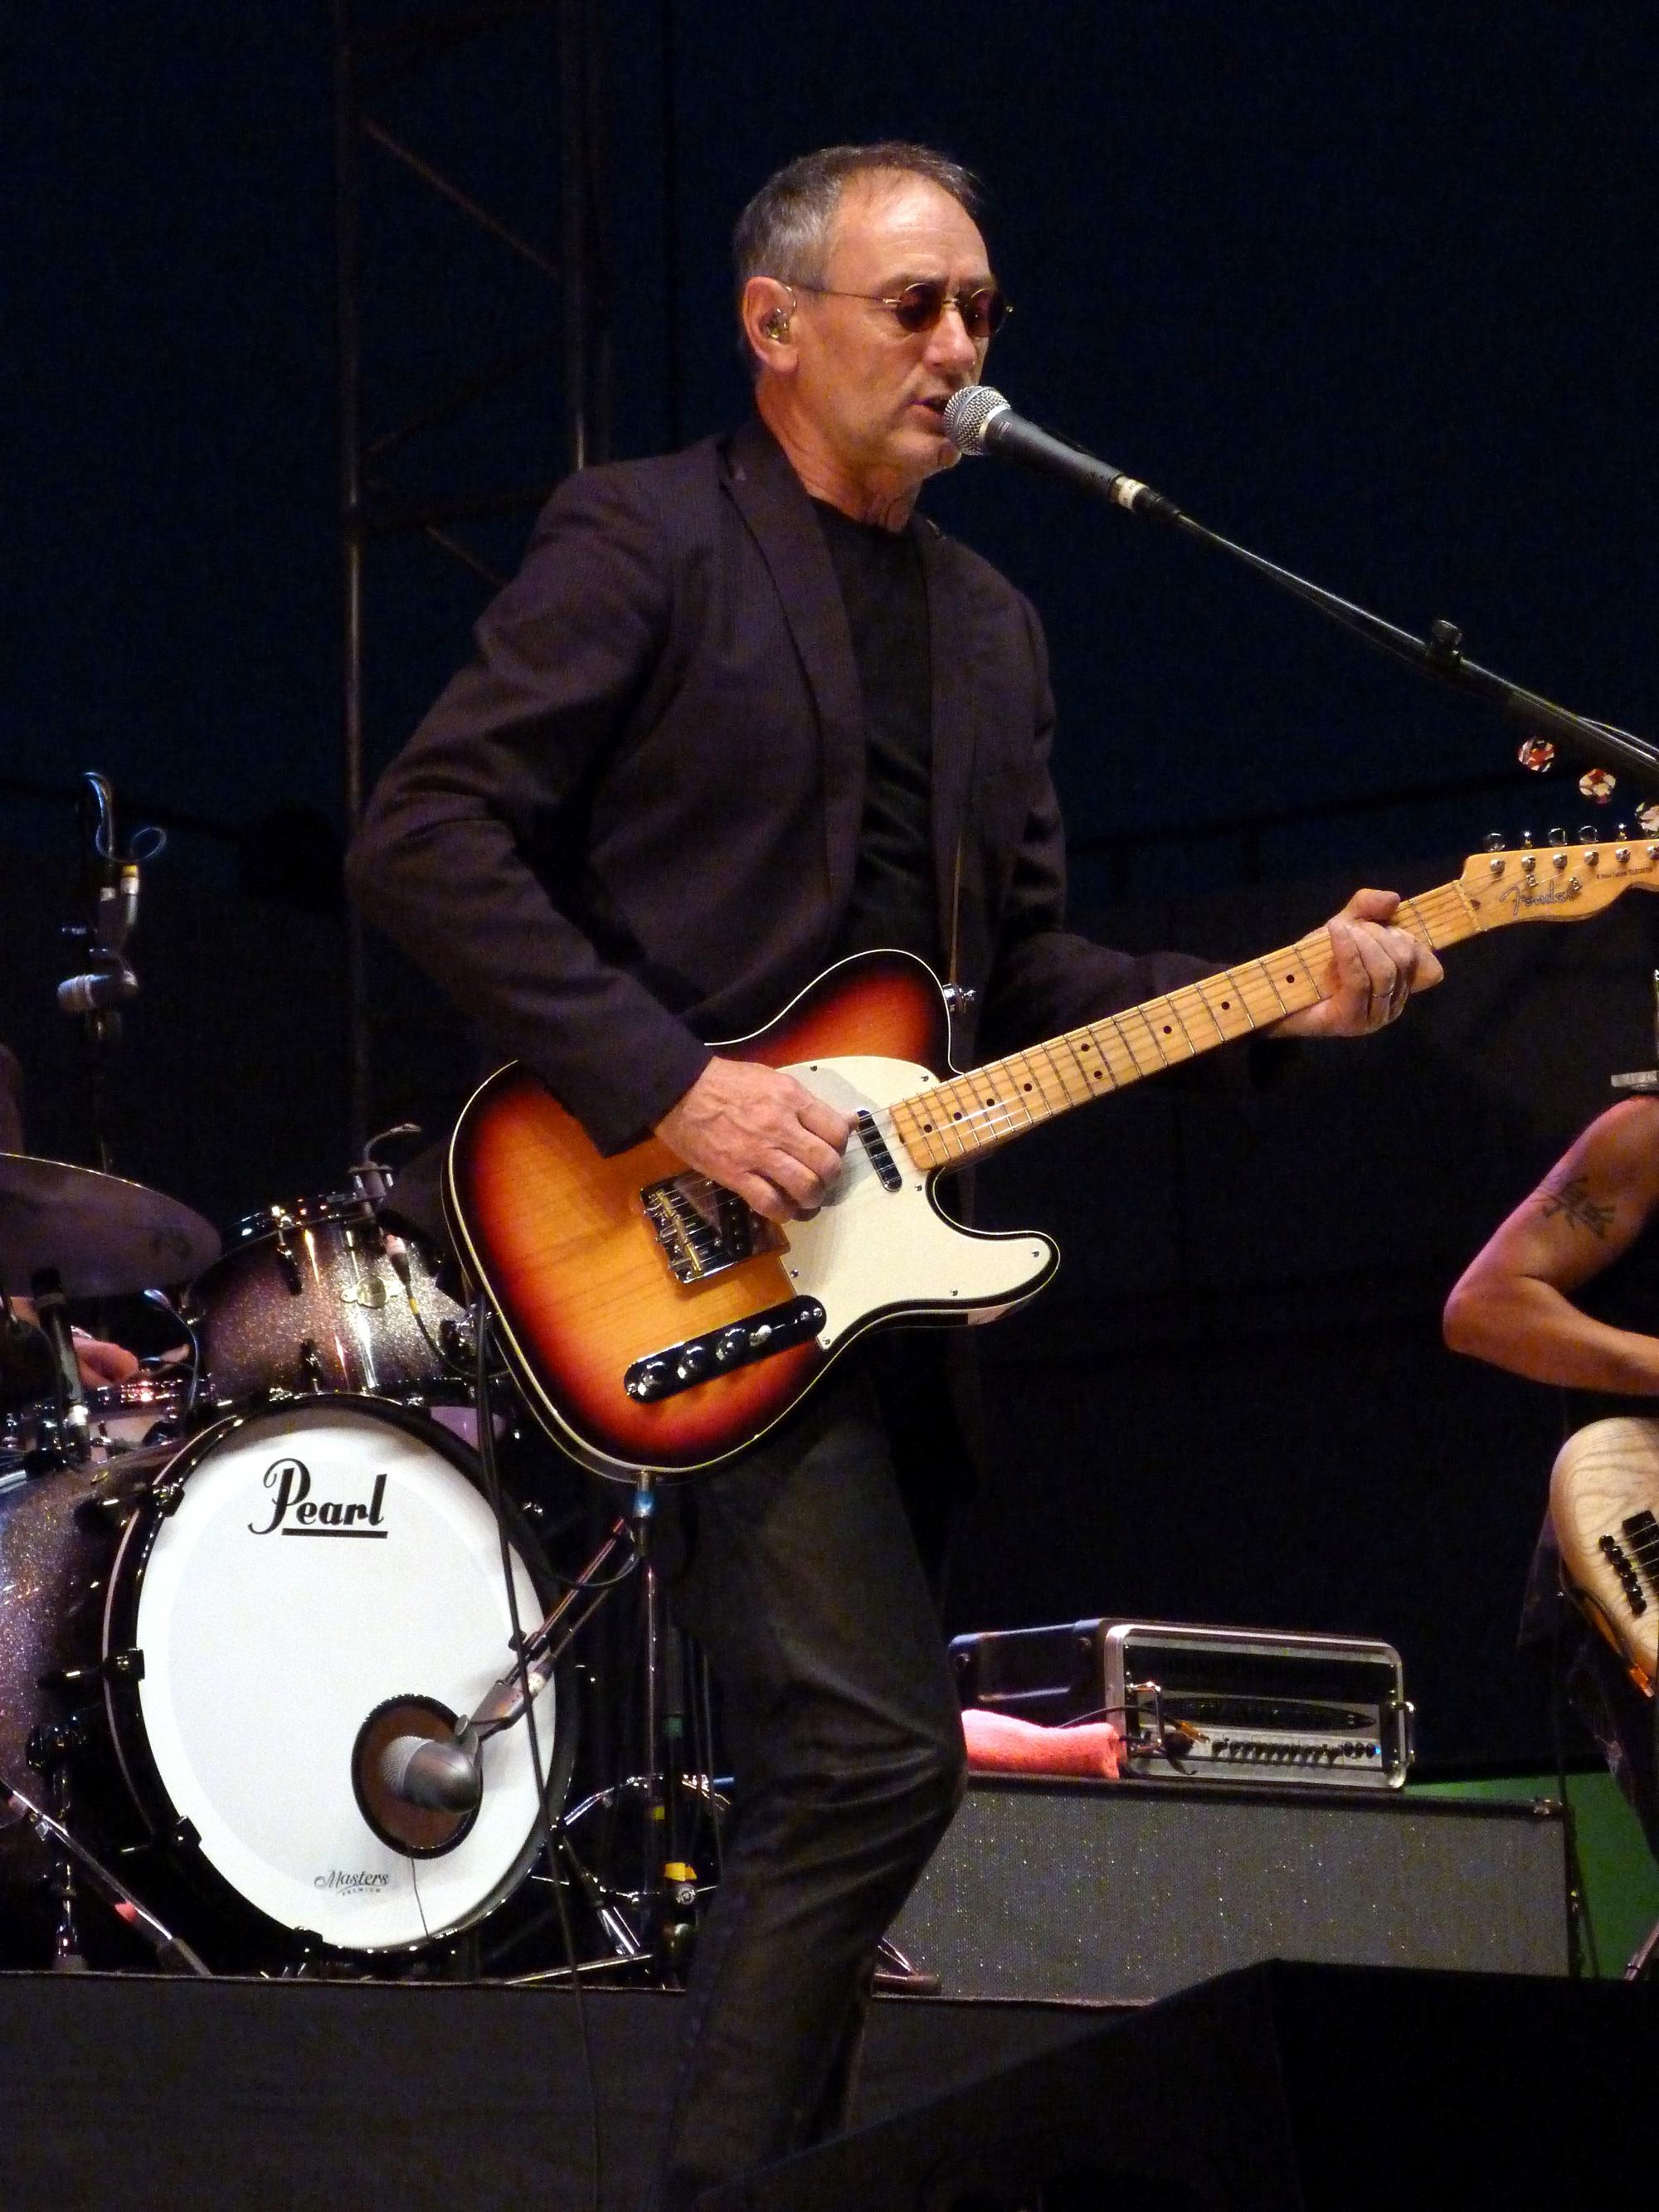 styles frais qualité stable promotion spéciale Michael Jones (chanteur) — Wikipédia